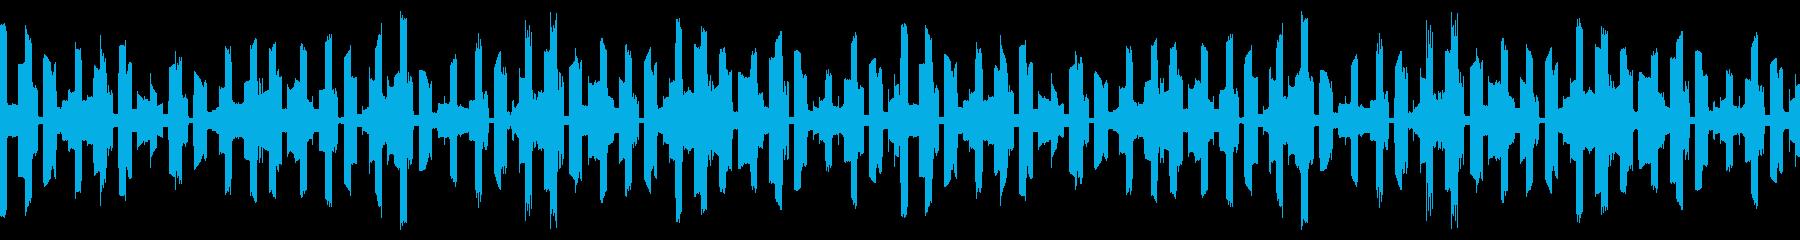 【ループ可】不安を煽るコンピューター音の再生済みの波形